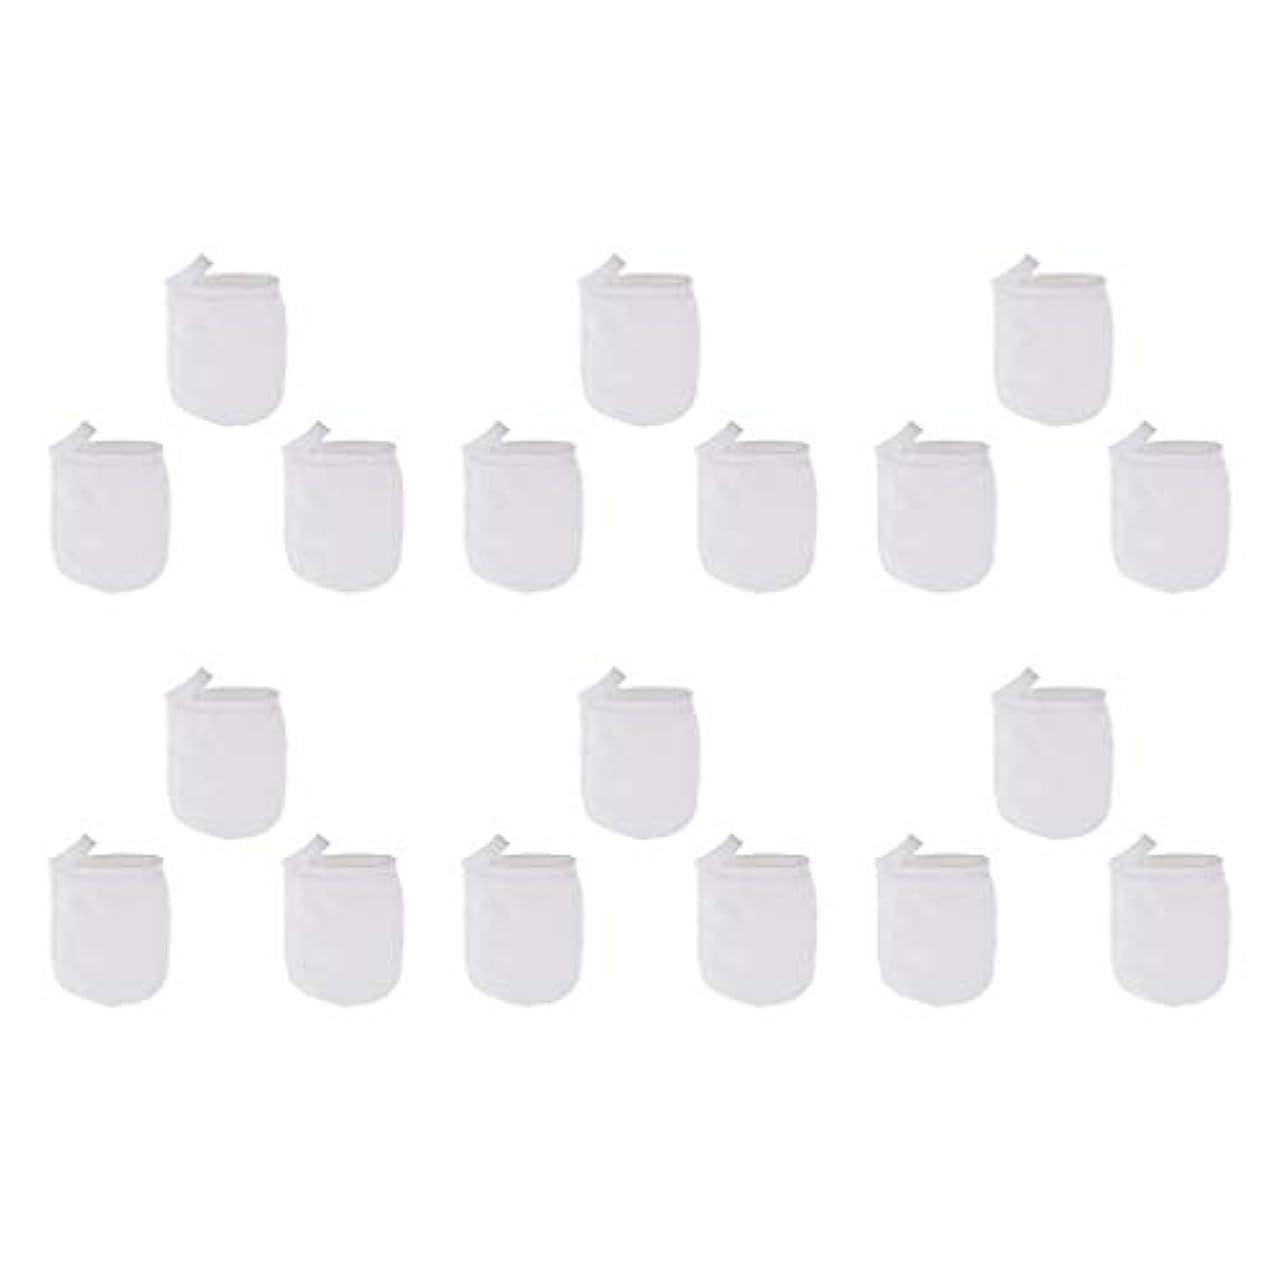 重くするクスクス作物洗顔手袋 フェイスクレンジング手袋 再利用可能な 柔らかい マイクロファイバー リムーバー 洗顔